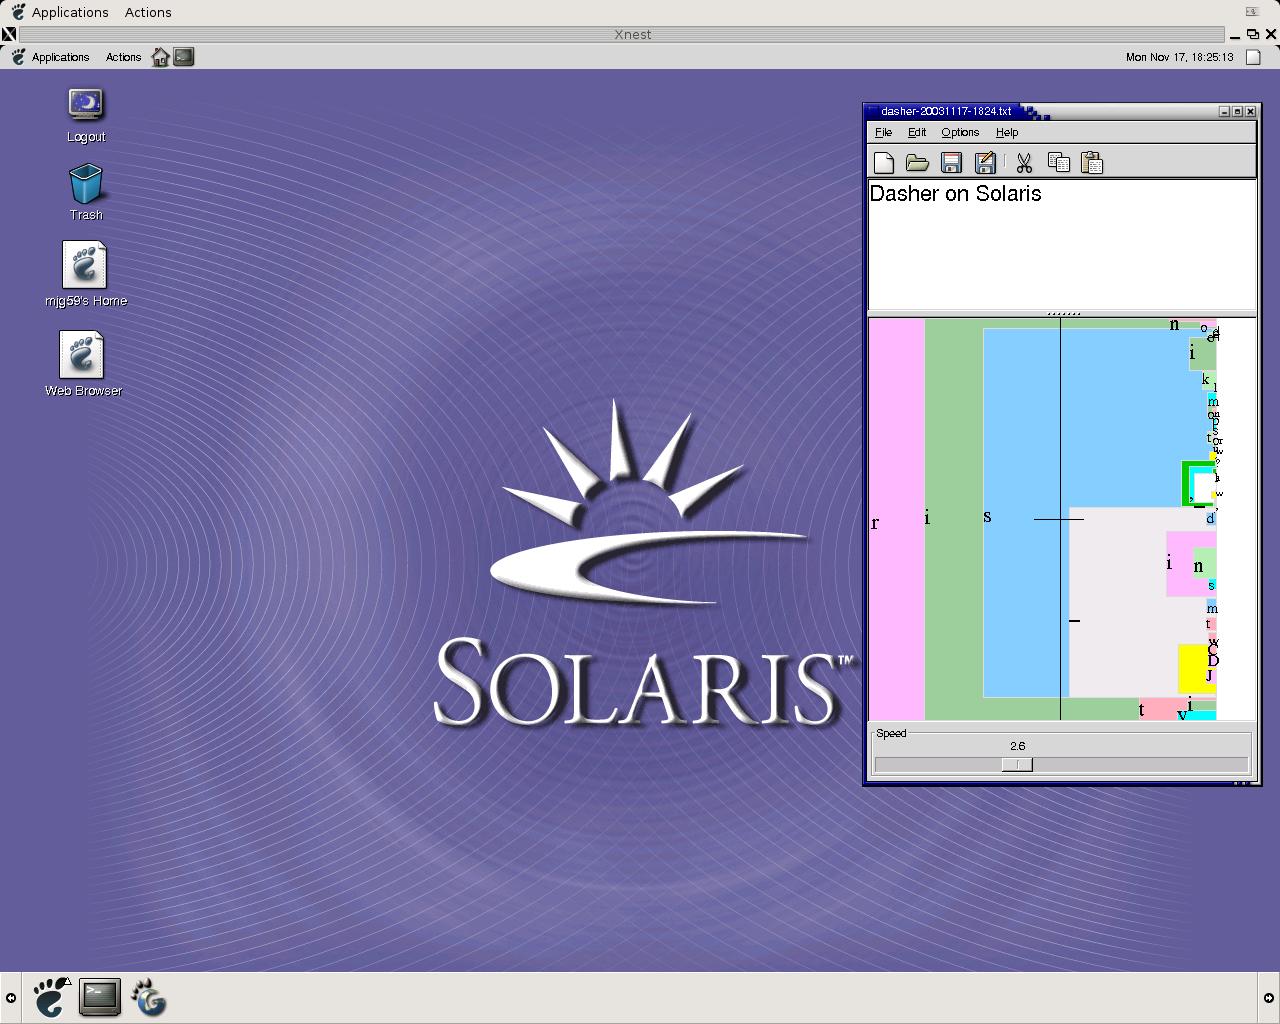 Solaris.png